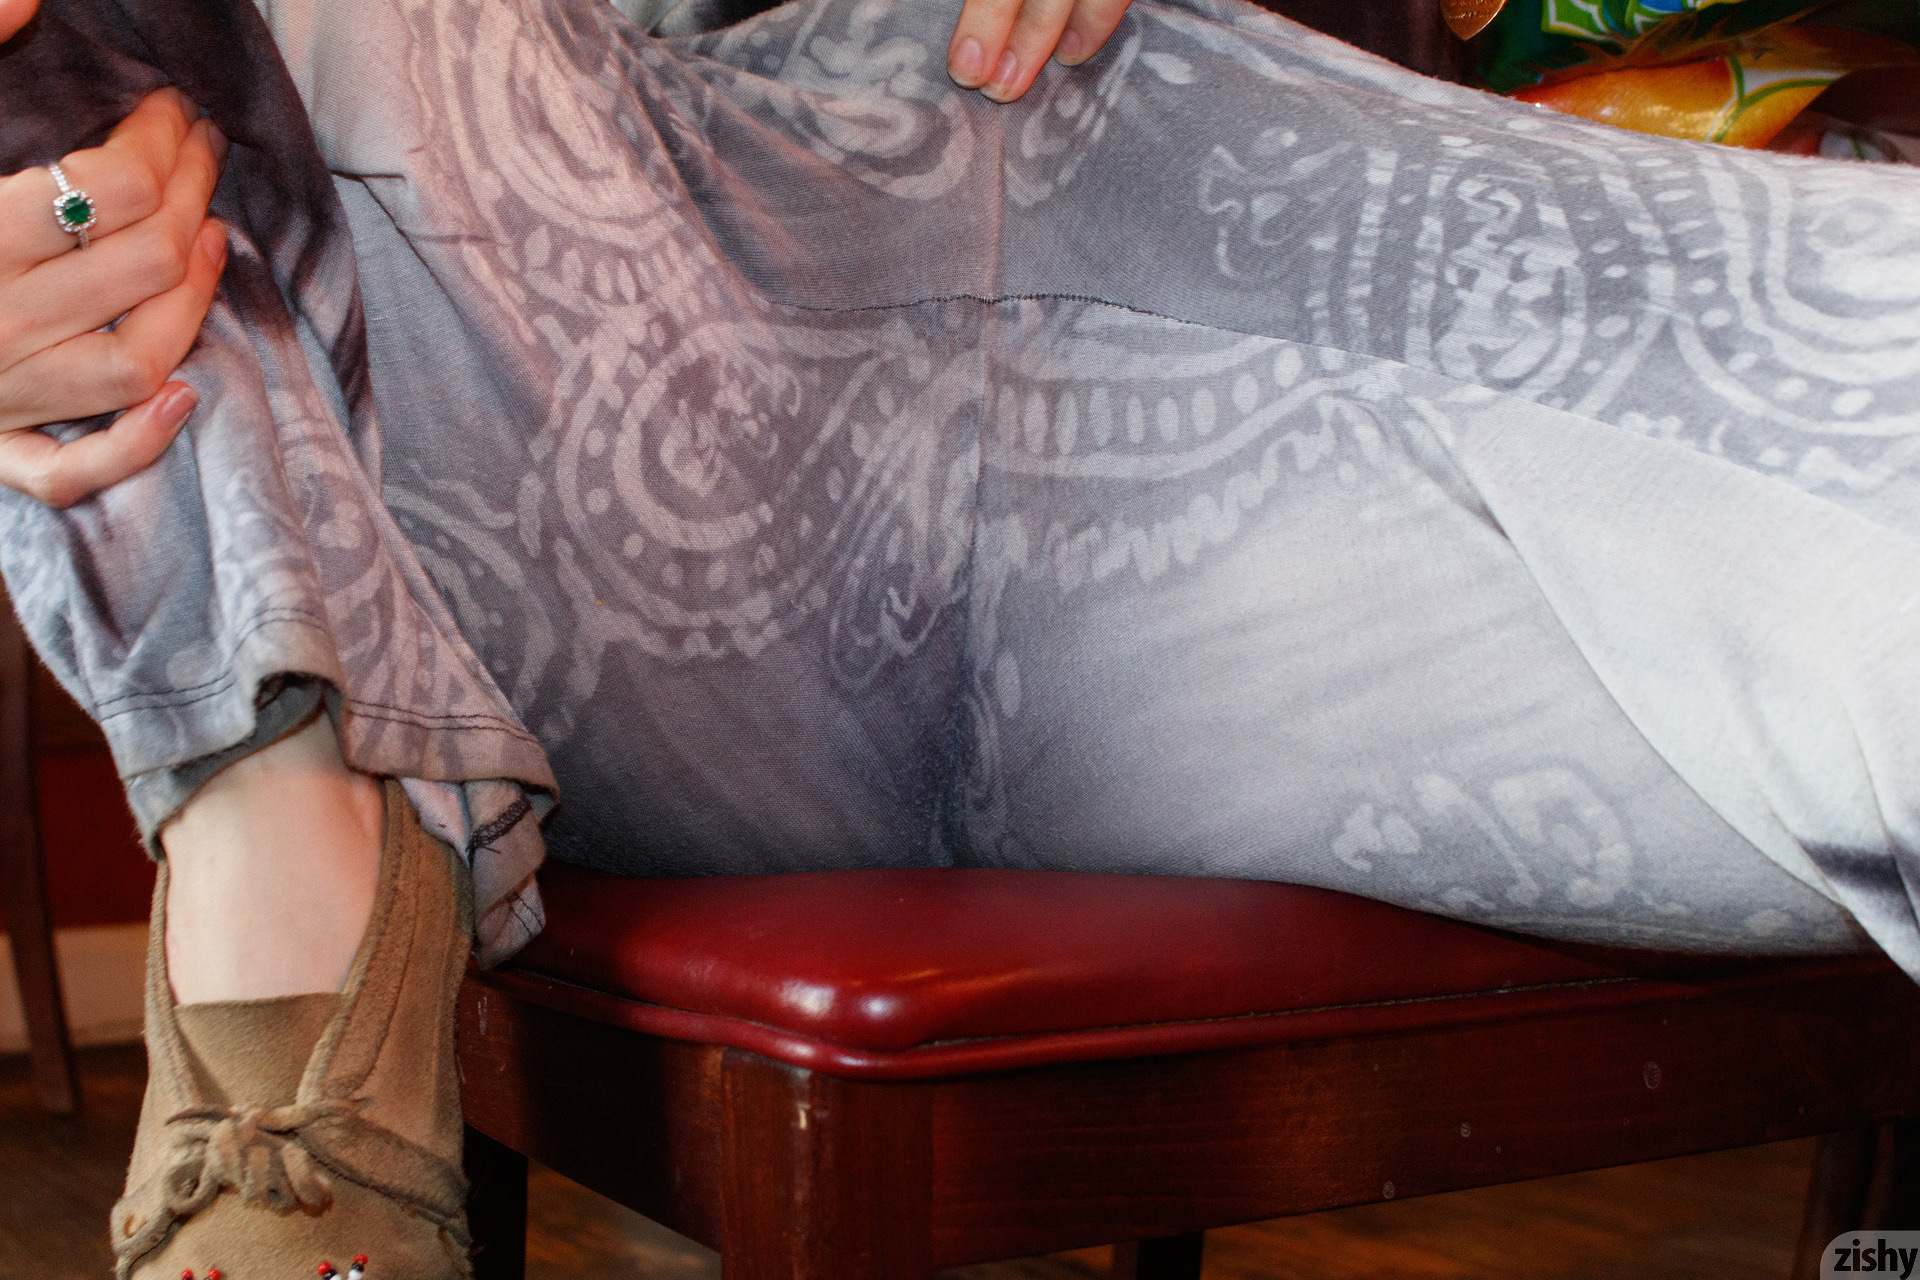 Helen Bergstrom Holy Guacamole Zishy (48)